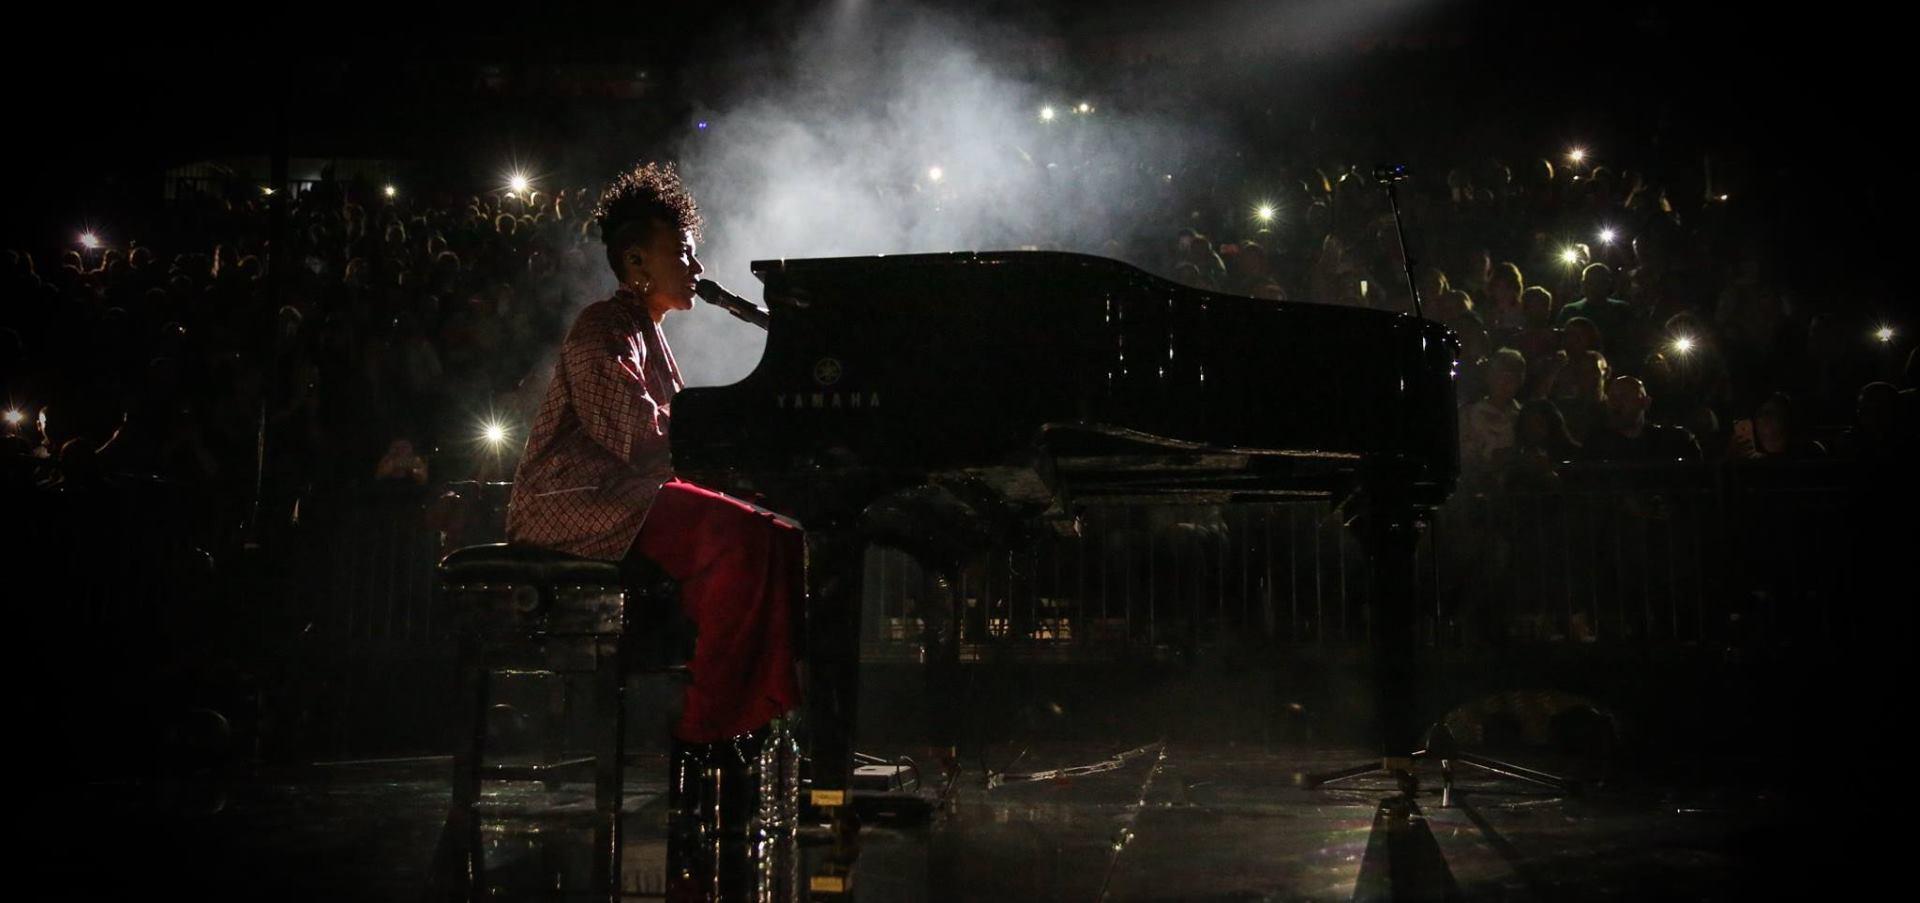 VIDEO: Plesni nastupi na pjesme Emeli Sandé